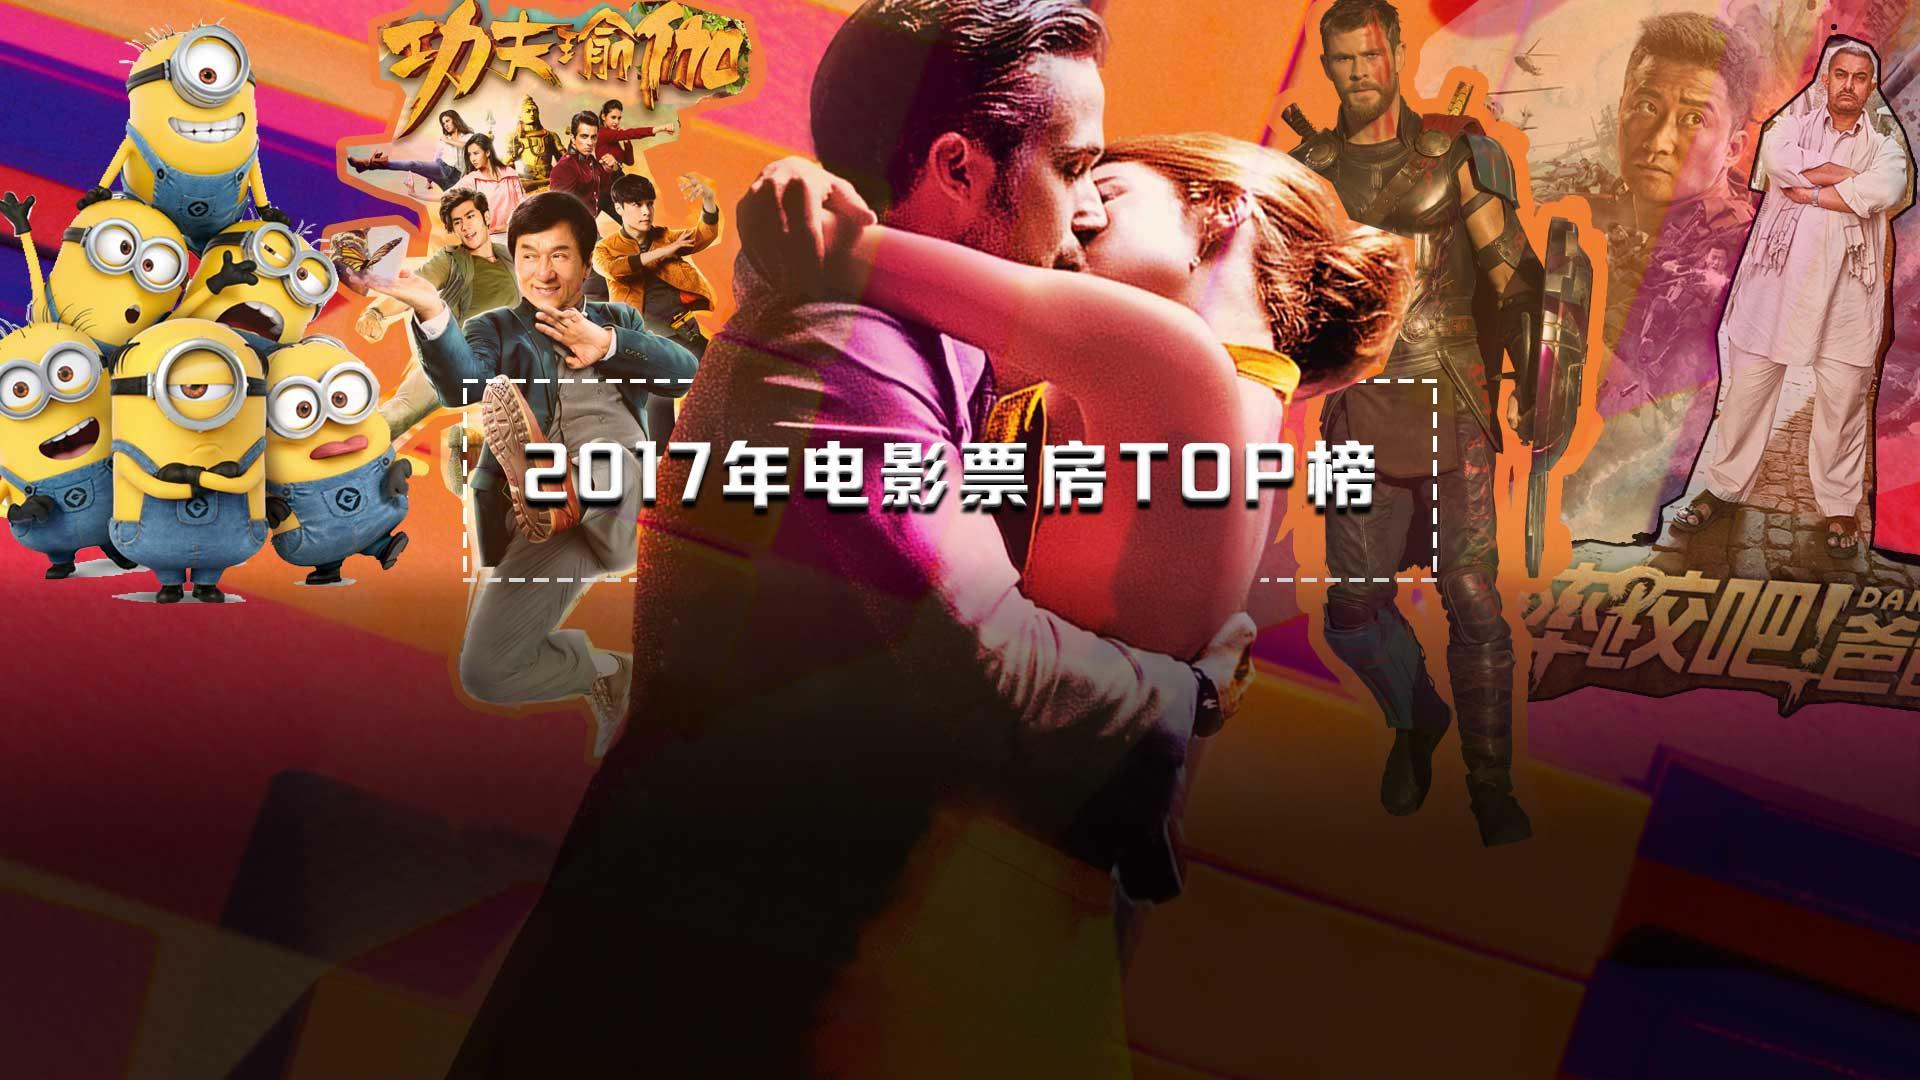 2017年电影票房TOP榜